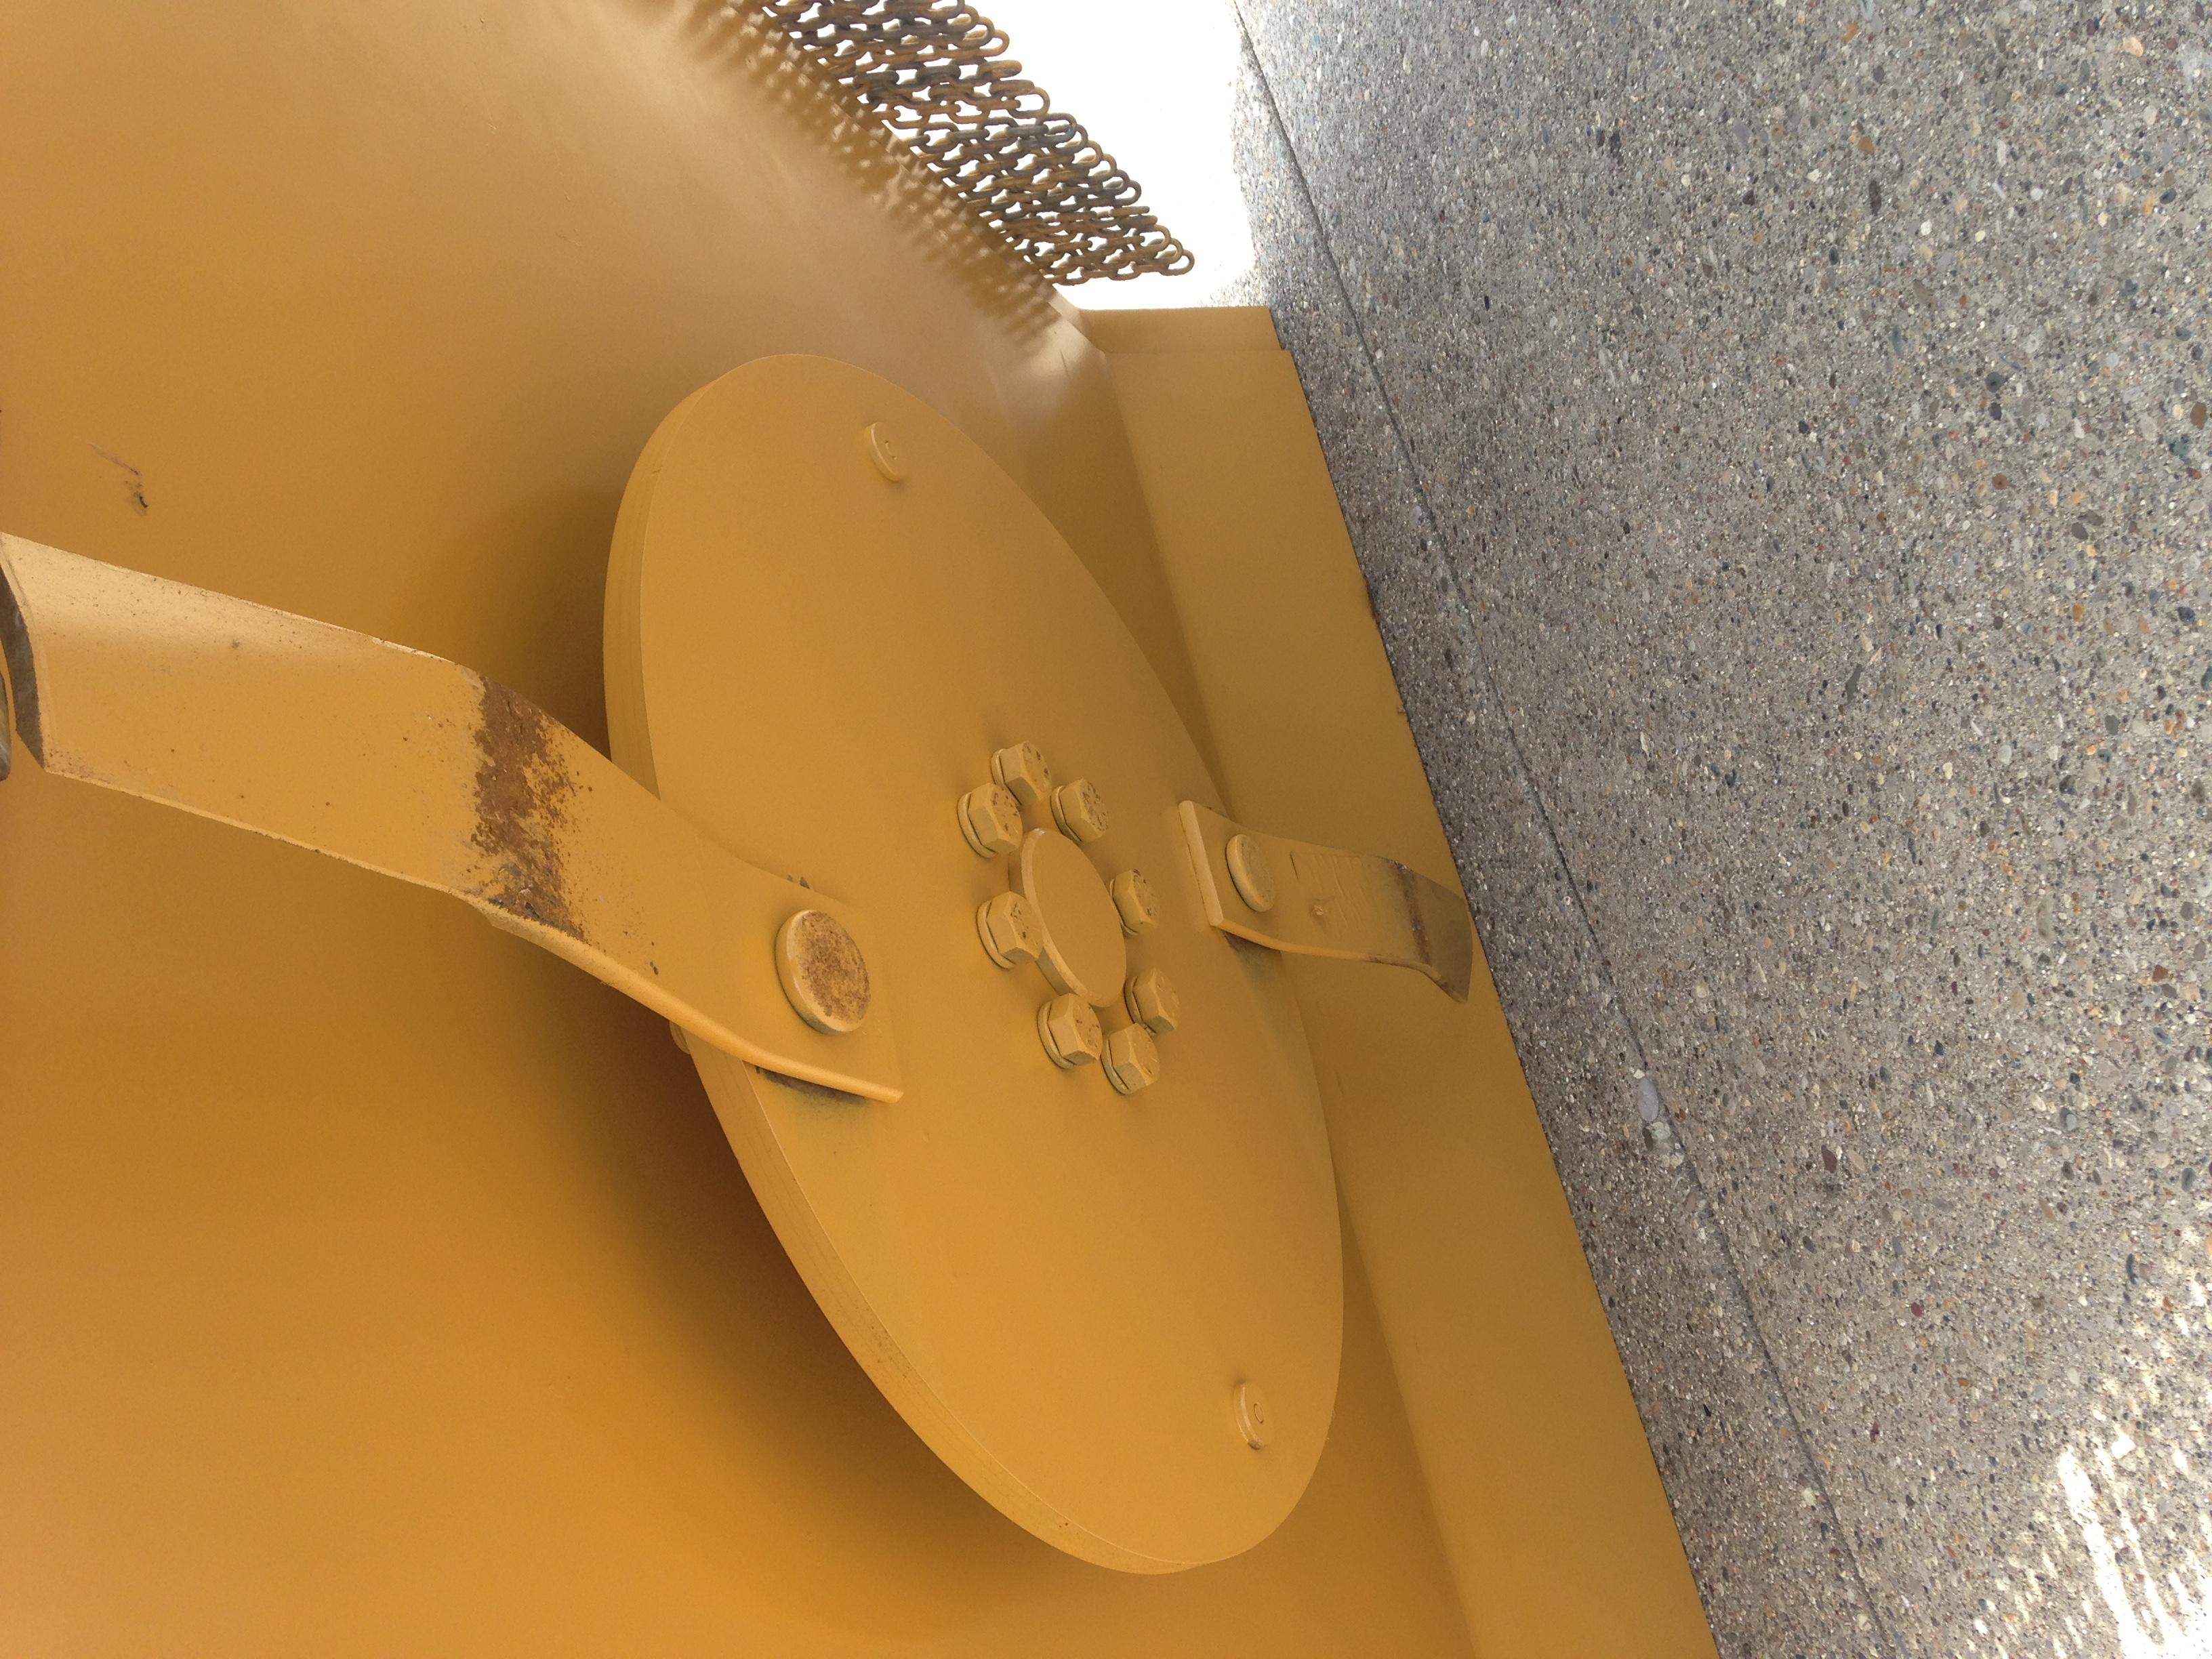 Model 970 brush shredder close-up